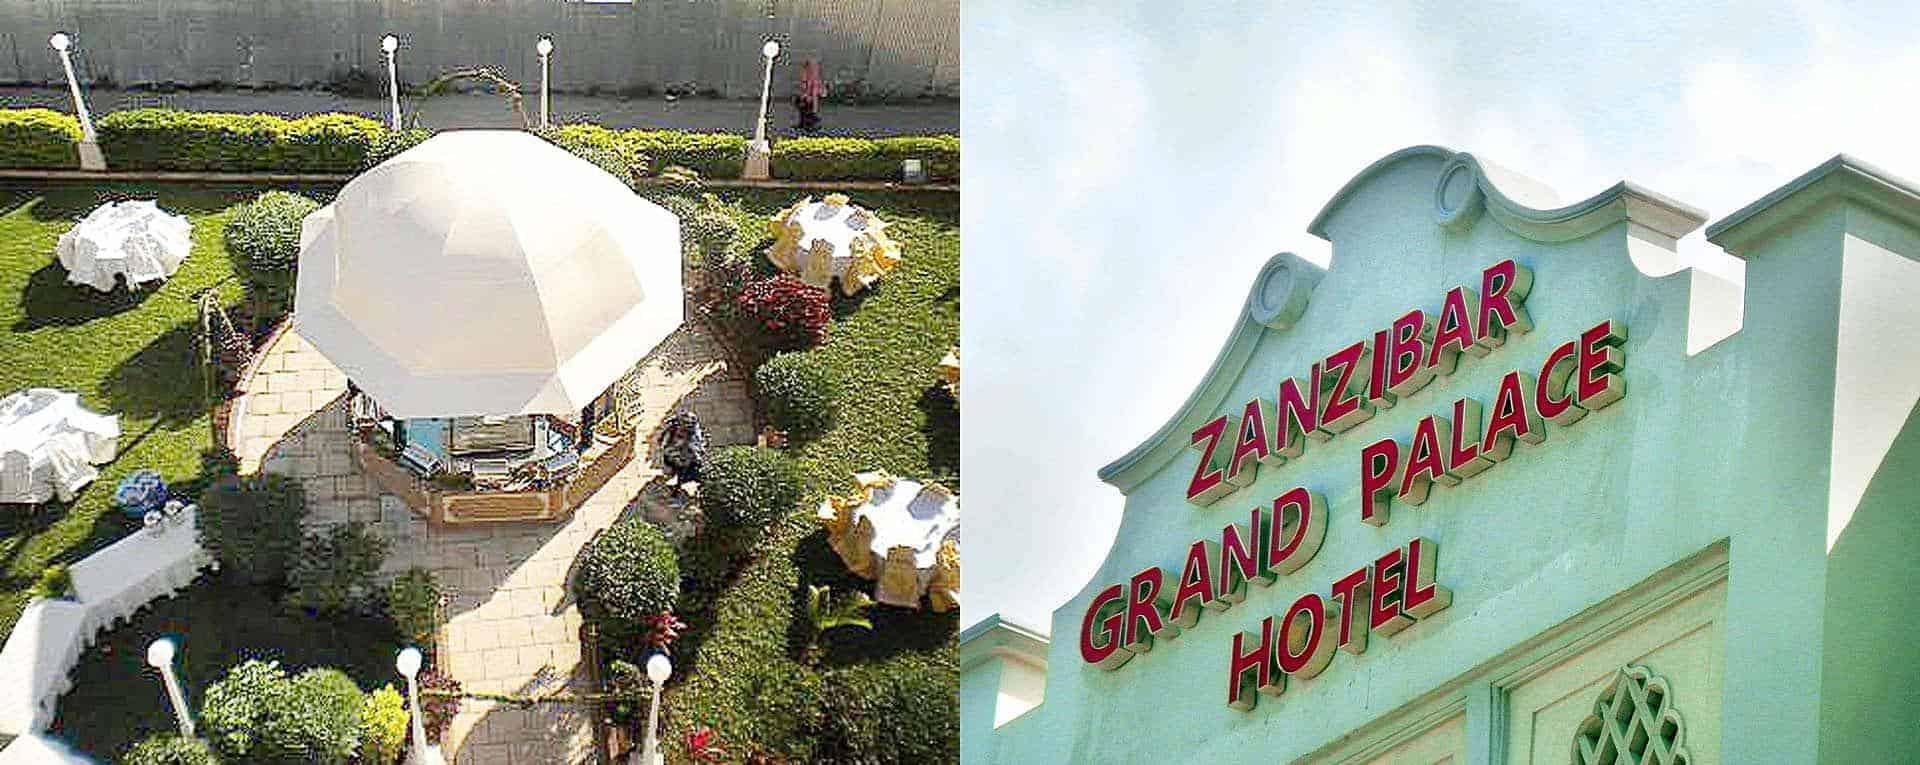 zanzibargrandpalacehotel2